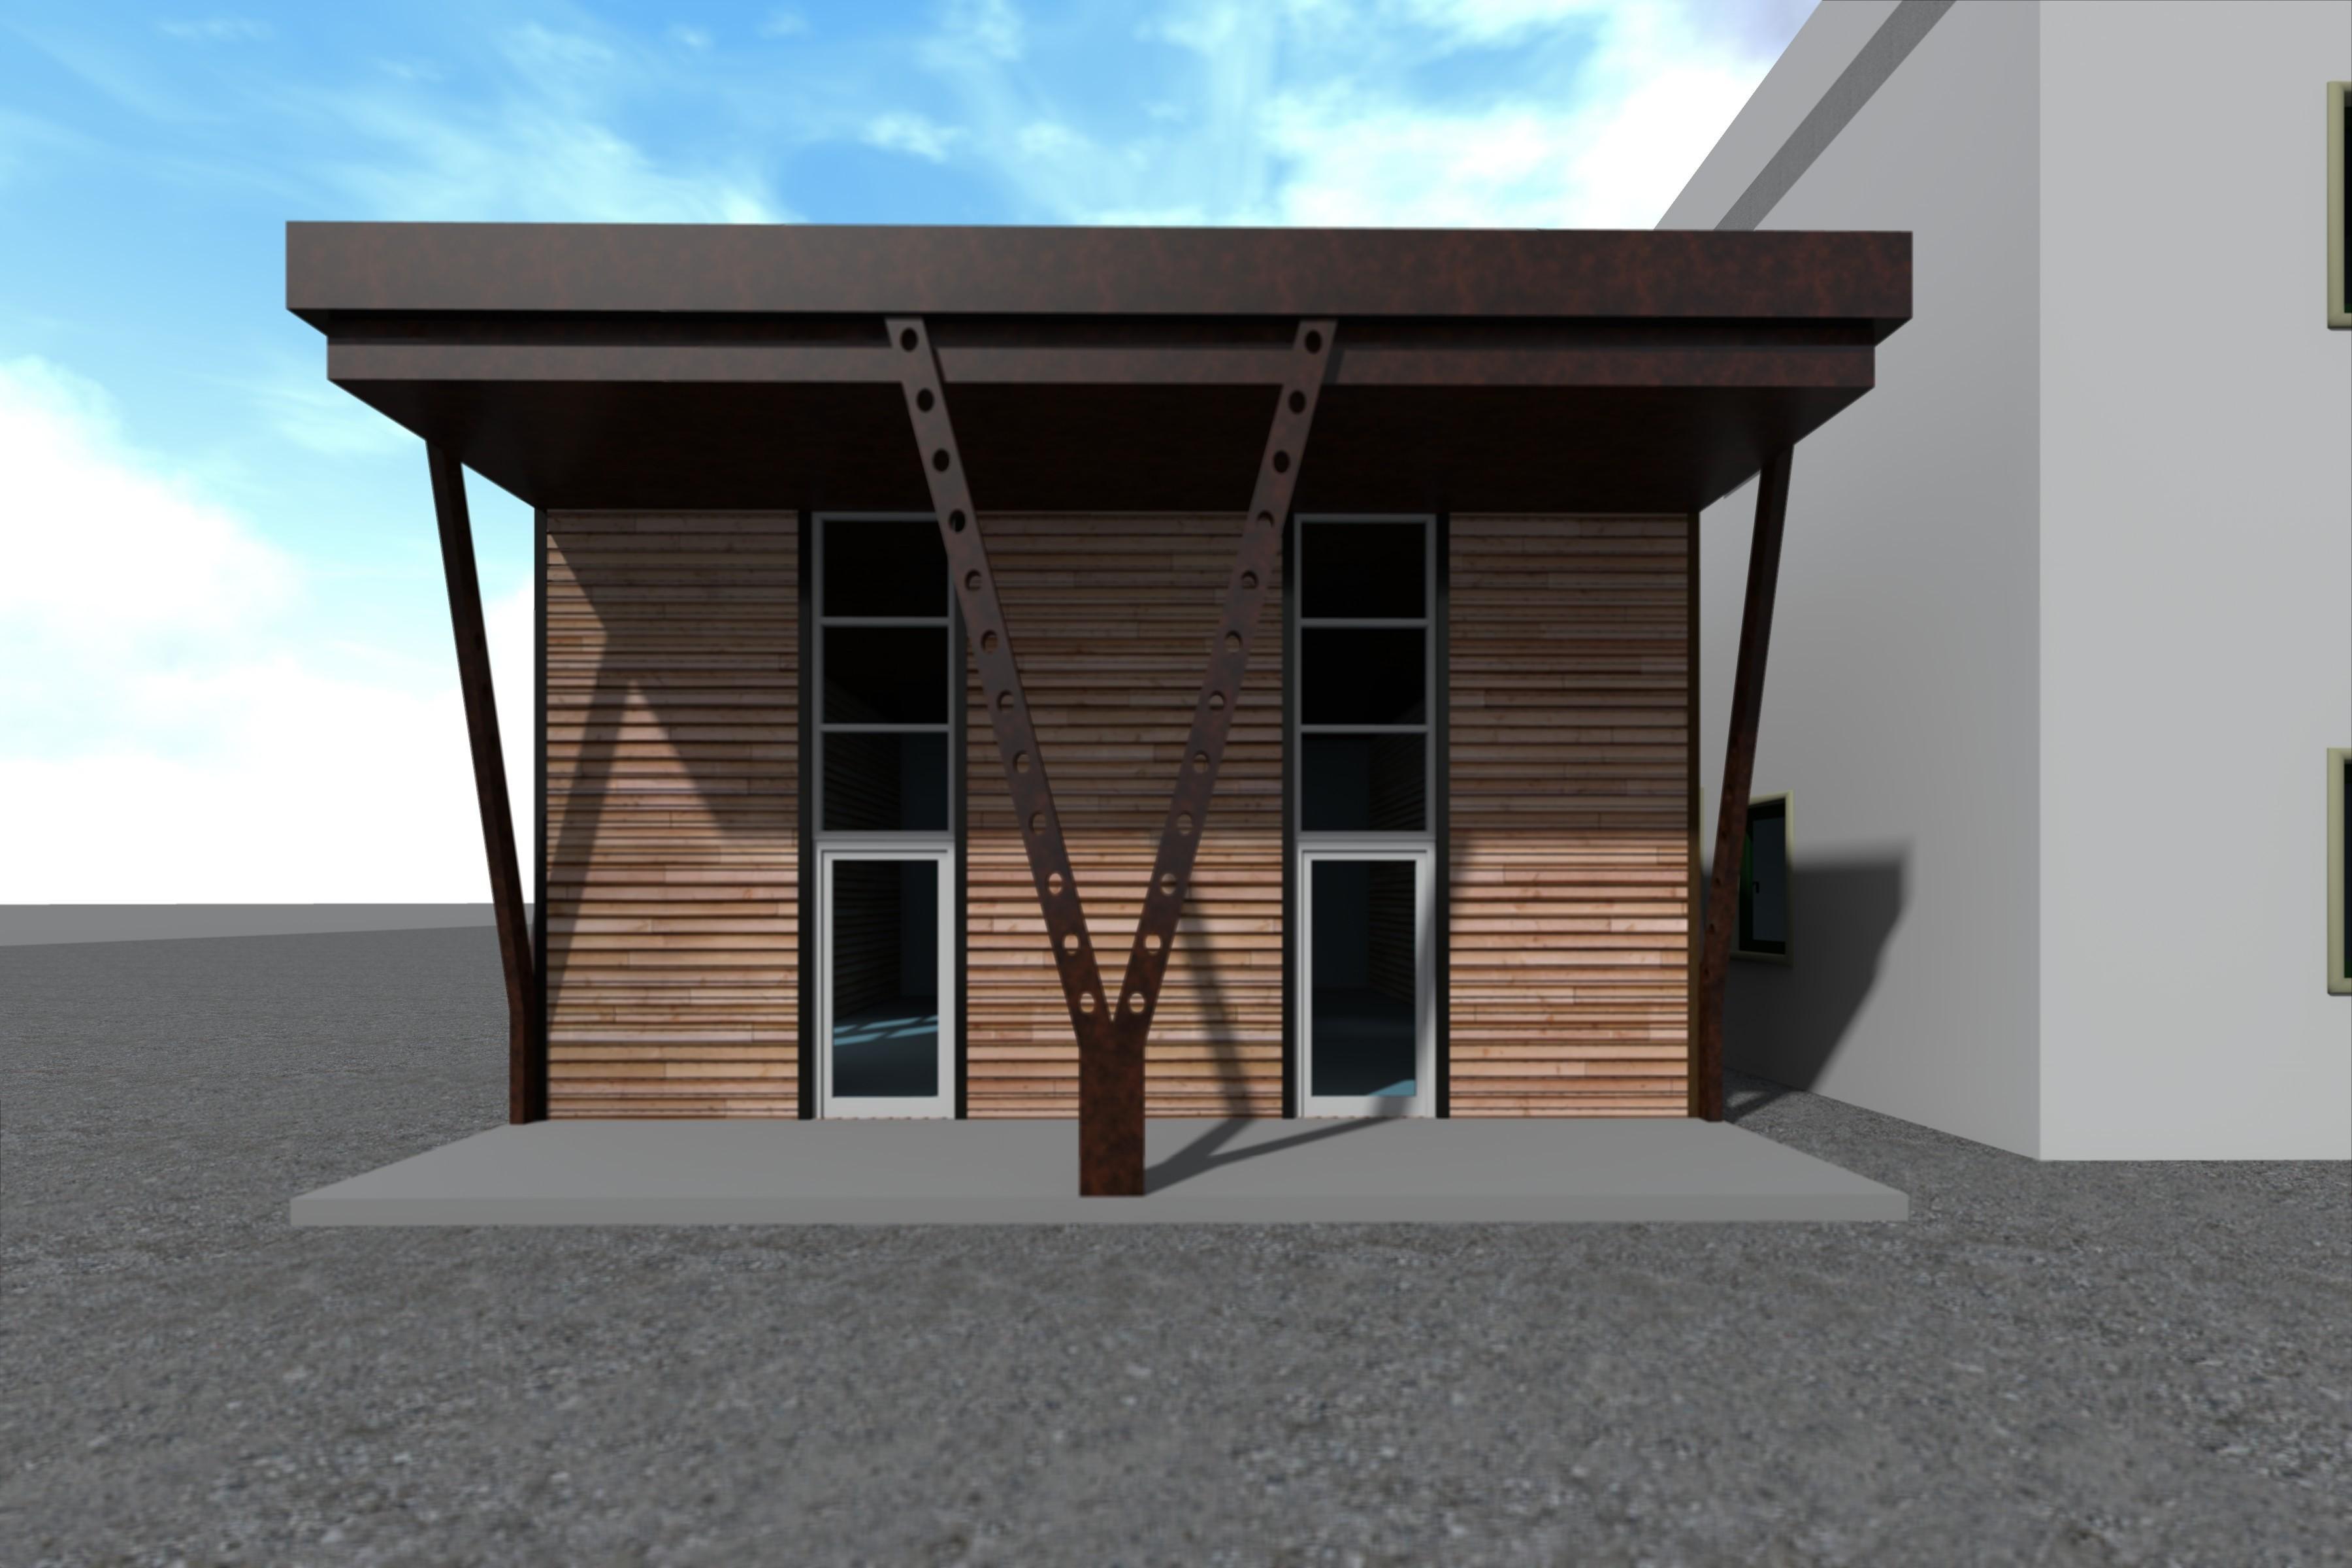 Progetto per l'ampliamento di un capannone esistente da adibire a servizi